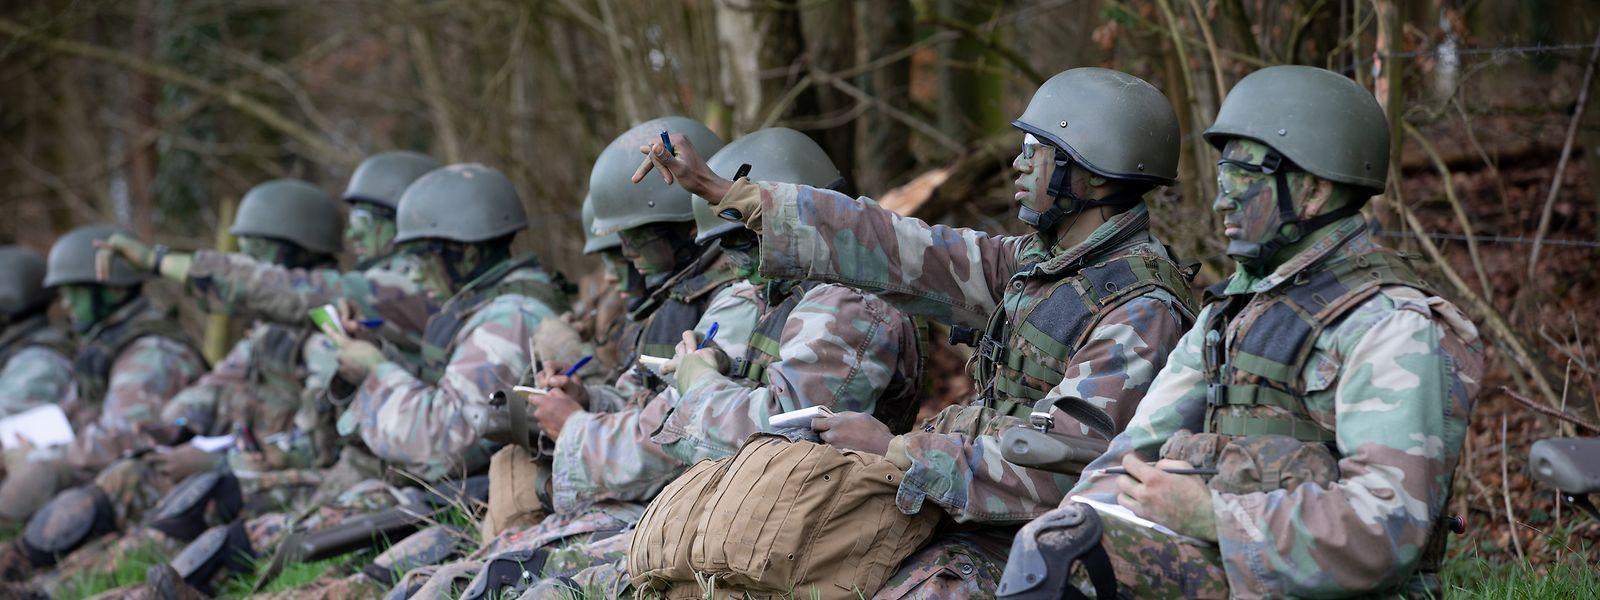 En 2014, le gouvernement luxembourgeois s'est engagé à augmenter son effort de défense de 0,4% du PIB en 2014 à 0,6% en 2020.